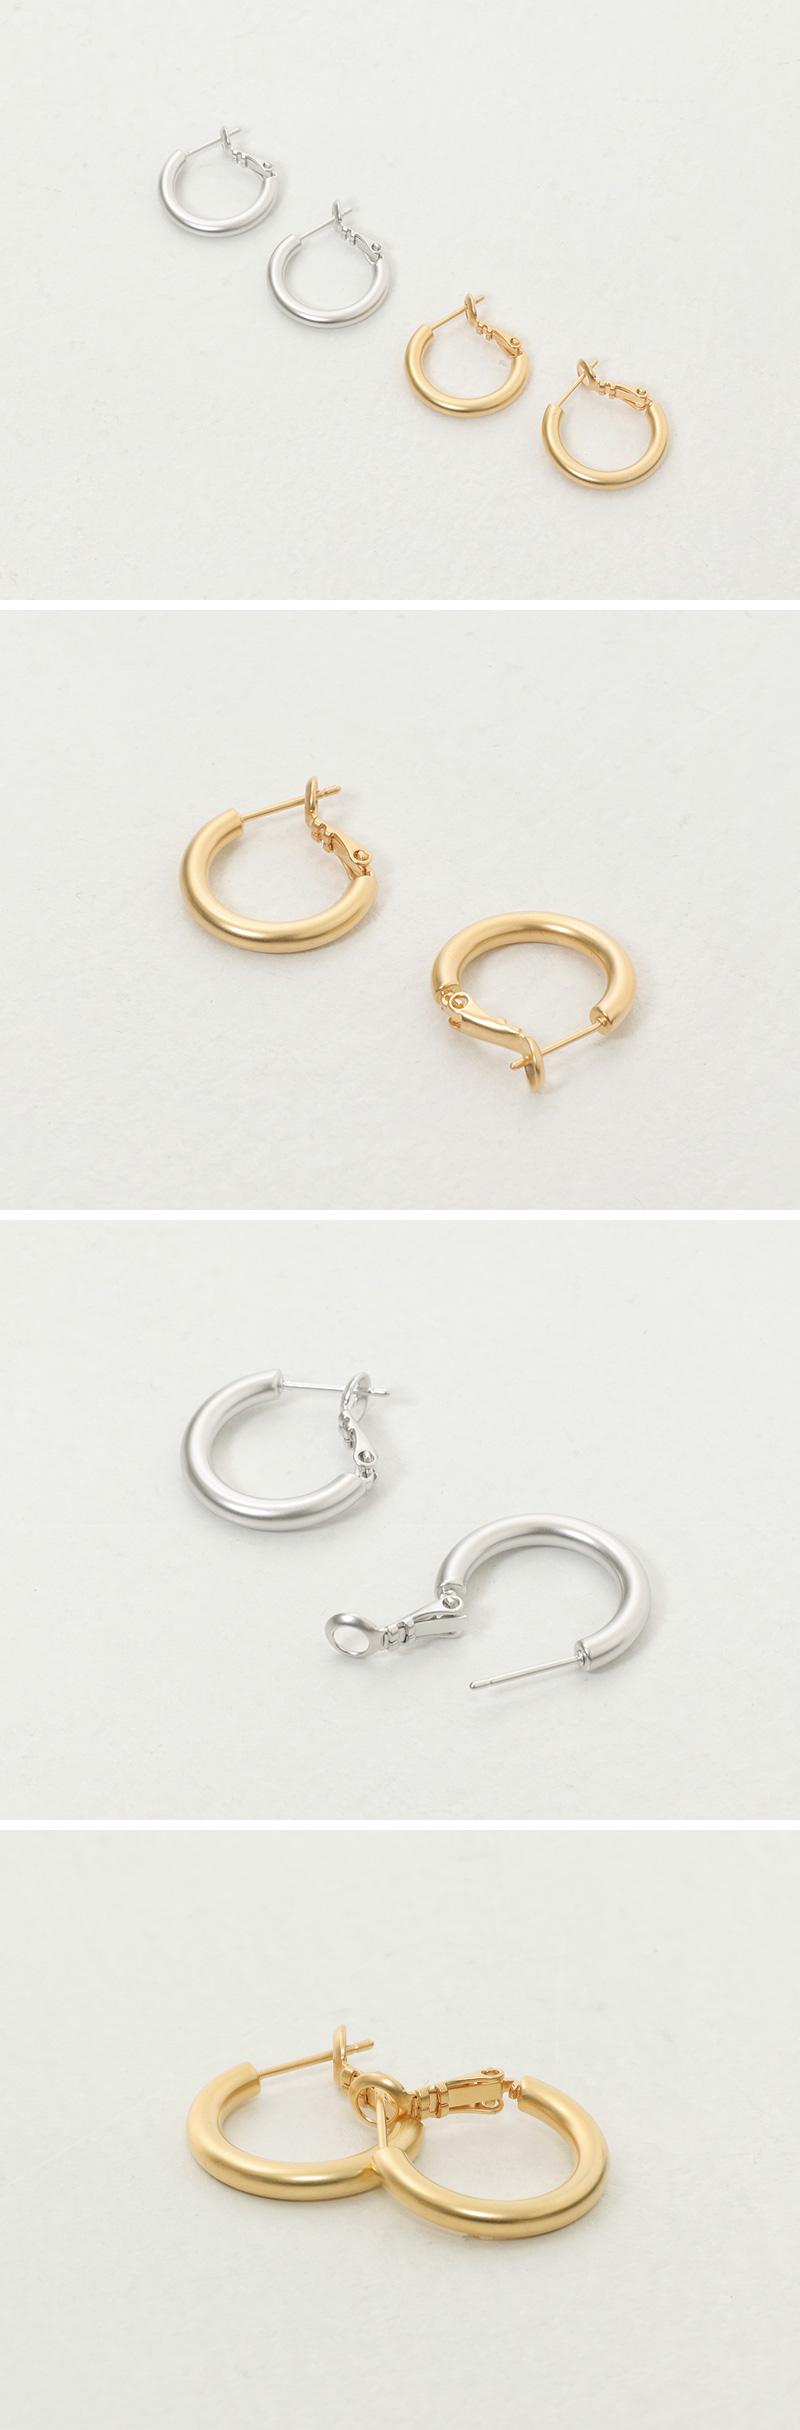 Matt Simpling Earrings